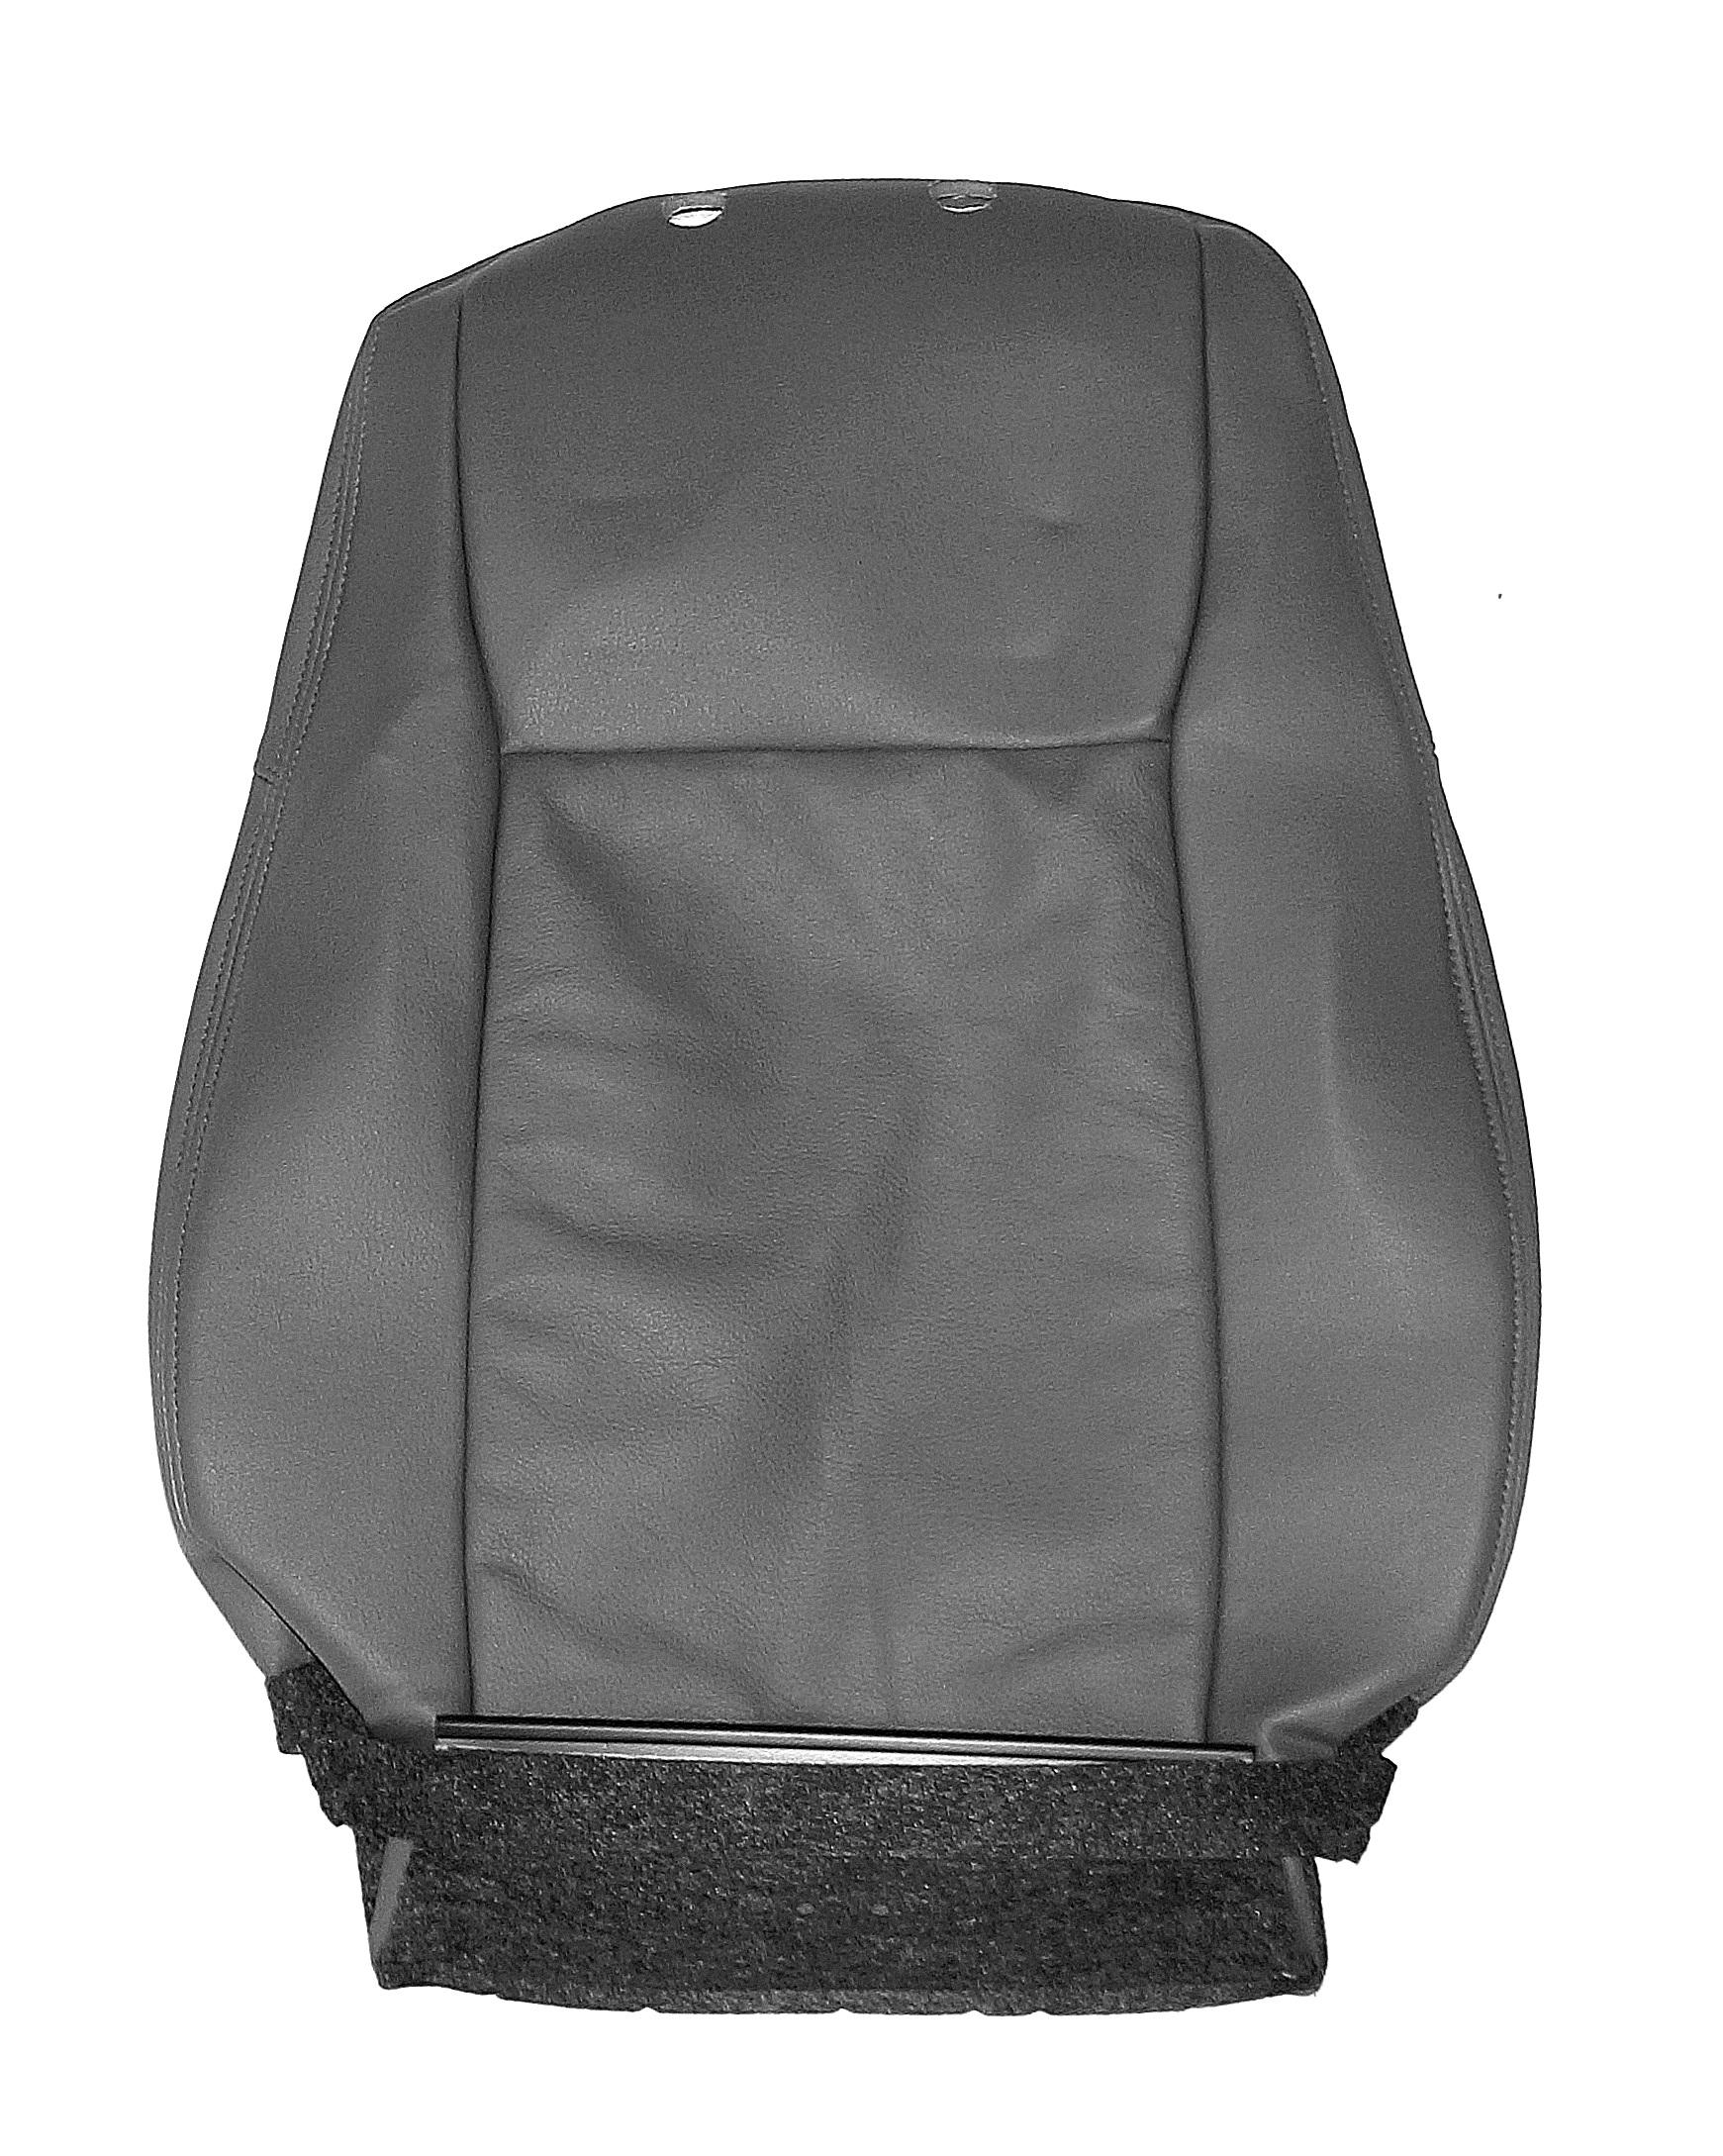 12763606 SAAB K02K03 Seat Cover Front Backrest LH